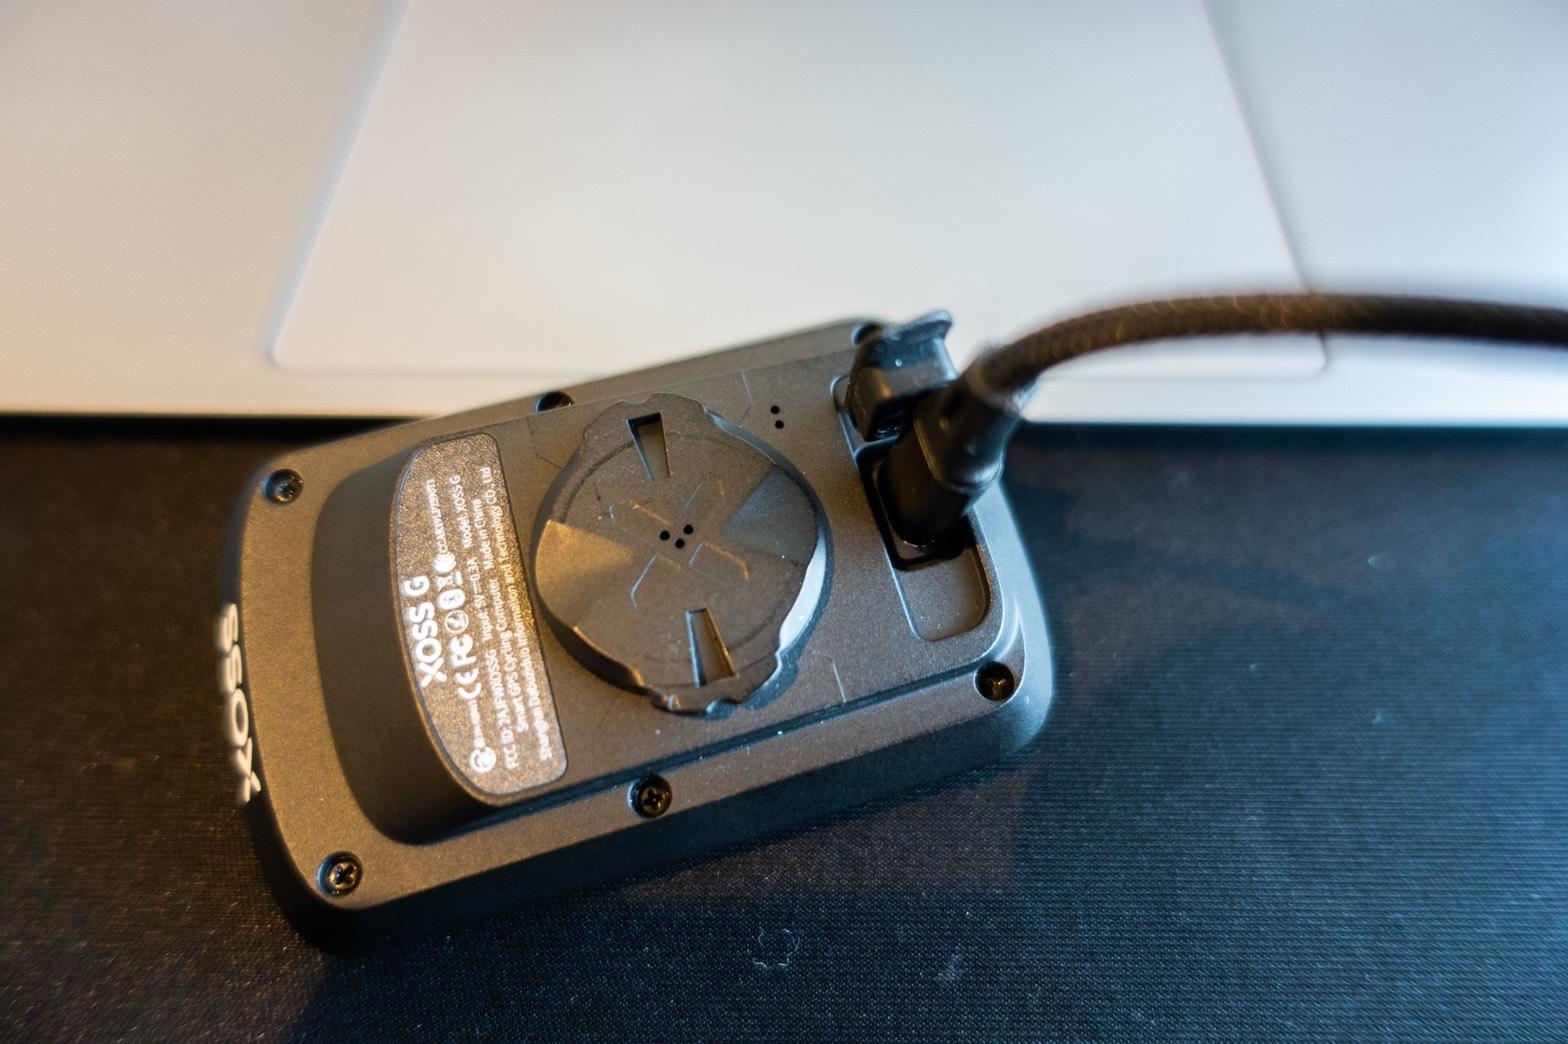 XOSS G サイクルコンピュータ充電方法